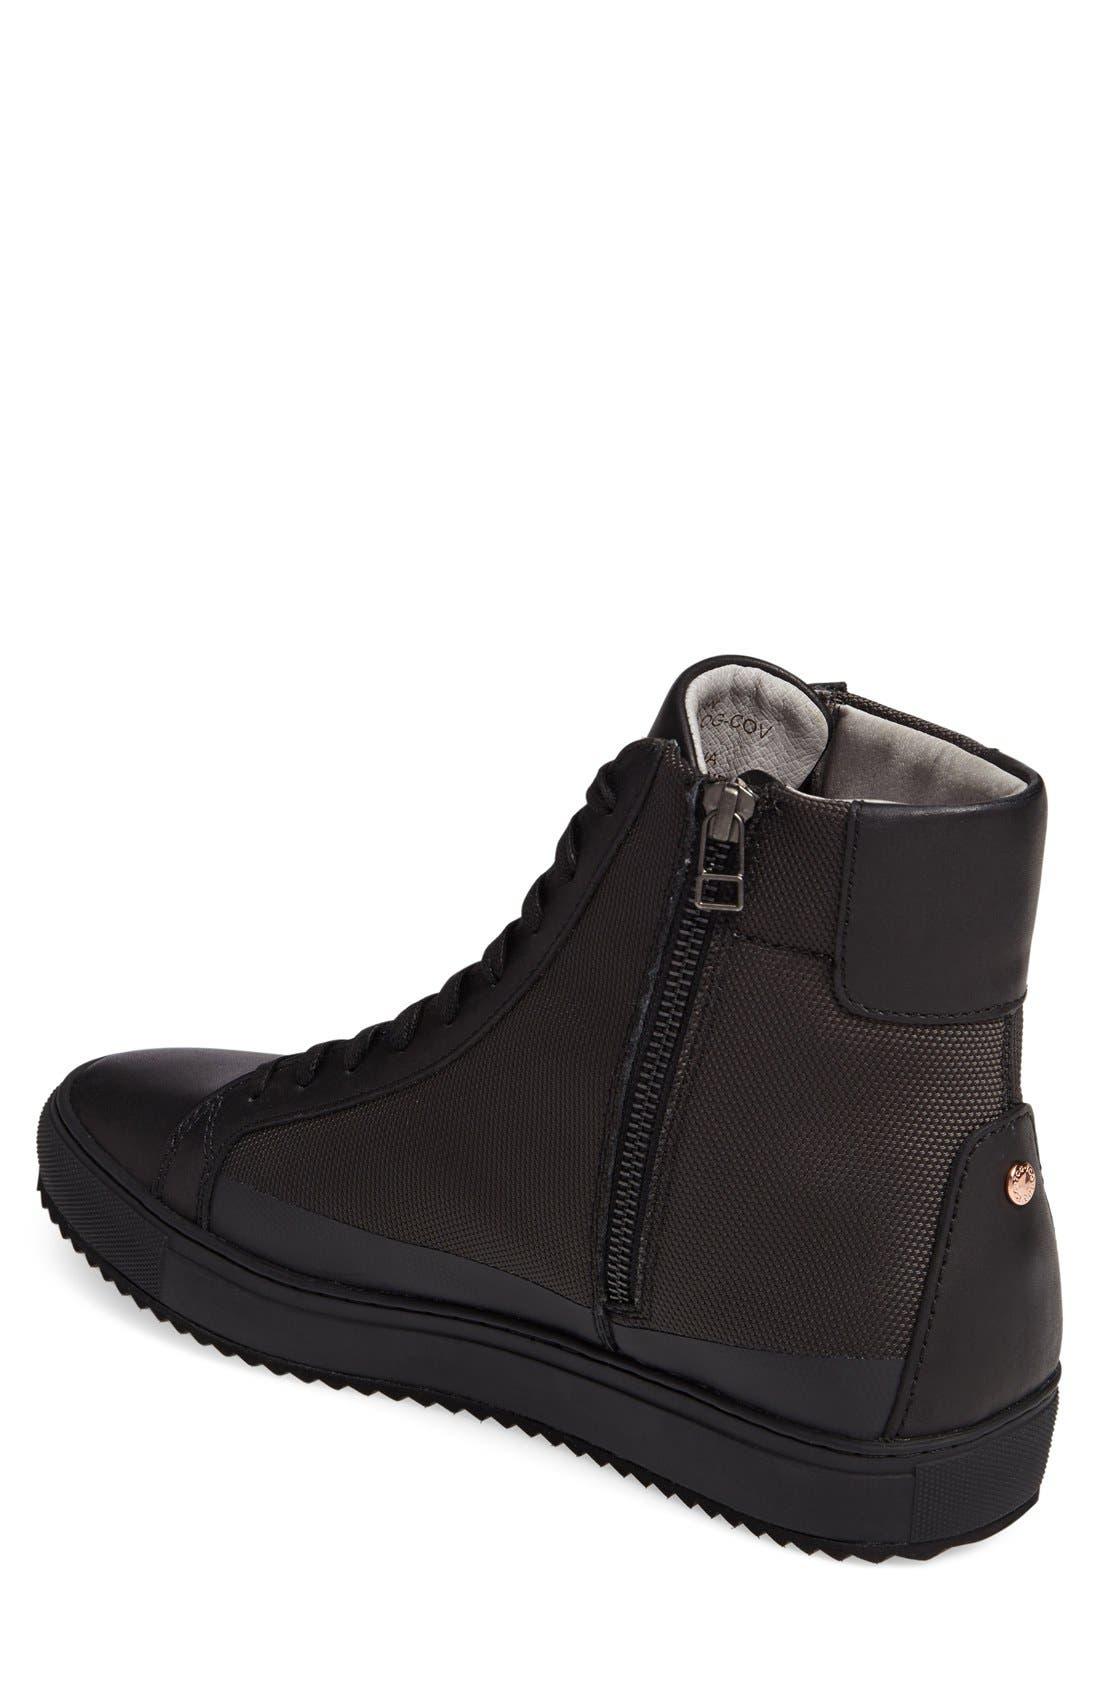 Logan Water Resistant High Top Sneaker,                             Alternate thumbnail 23, color,